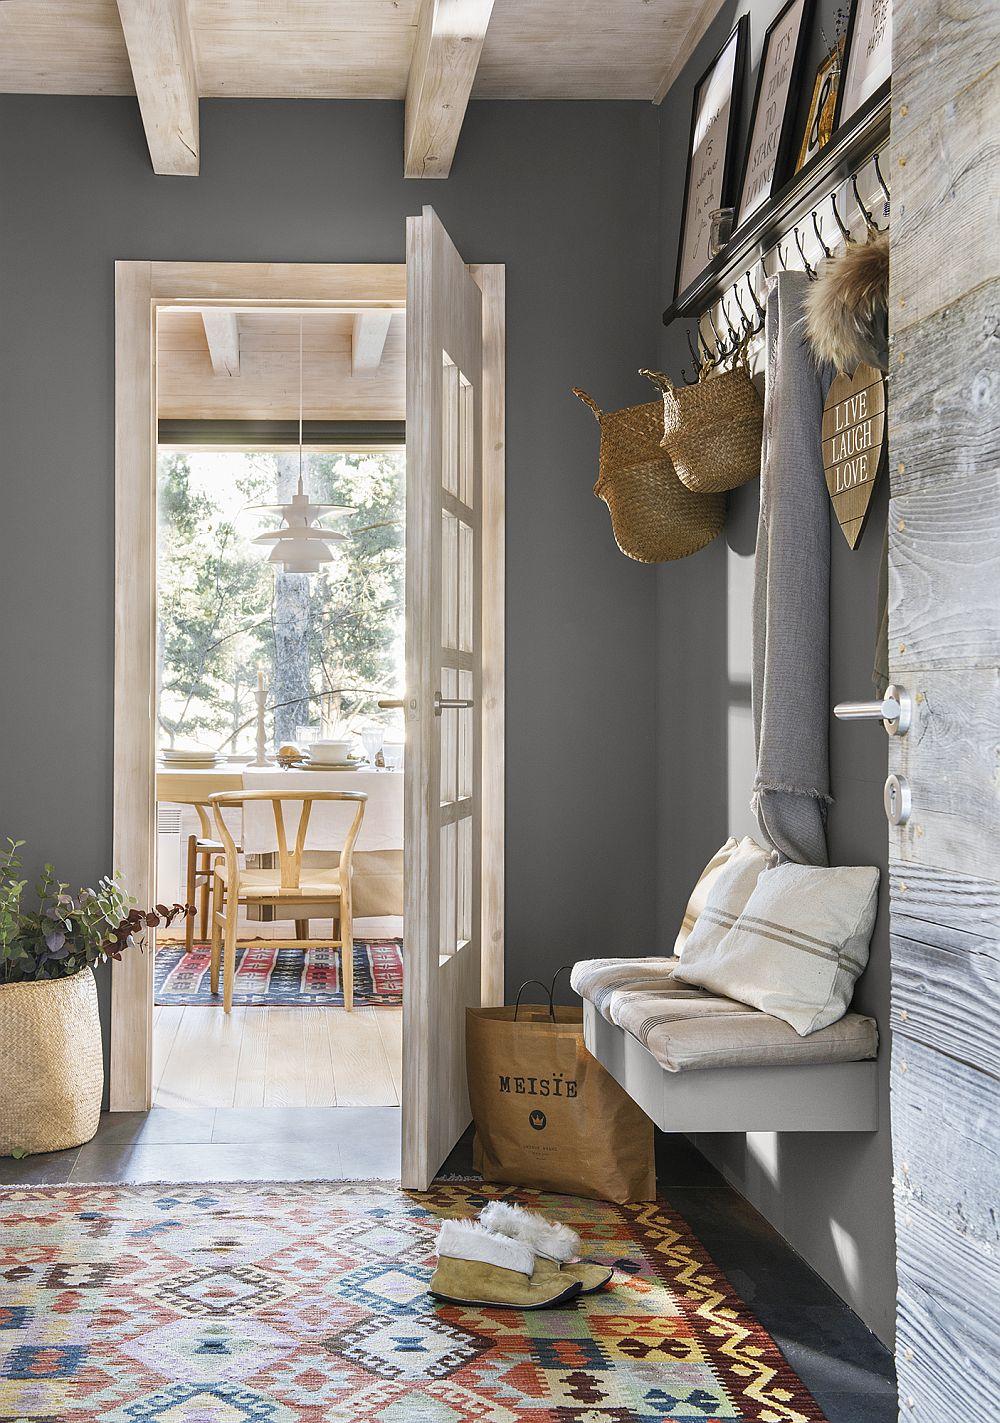 Intrarea în casă se face pe un mic hol, care vorbește despre stilul general al interiorului: simplu, contemporan, dar cald. Lemnul deschis la culoare este combinat cu zone de gri, iar decorațiunile textile, în special covoarele adaugă culoare interiorului.